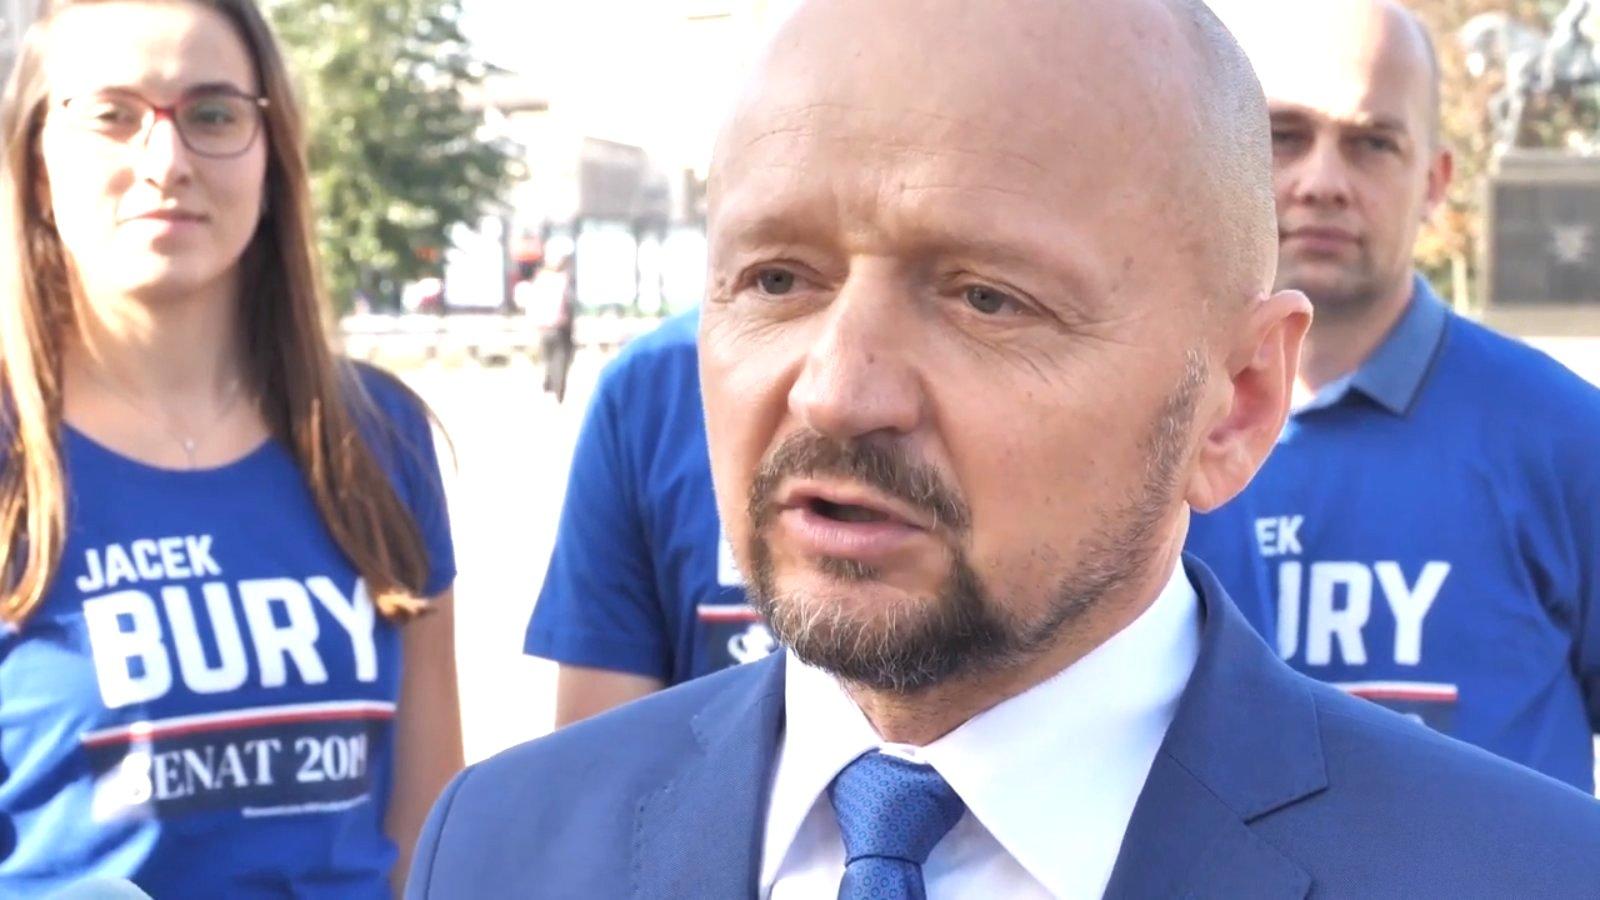 Jacek Bury - Senator KO